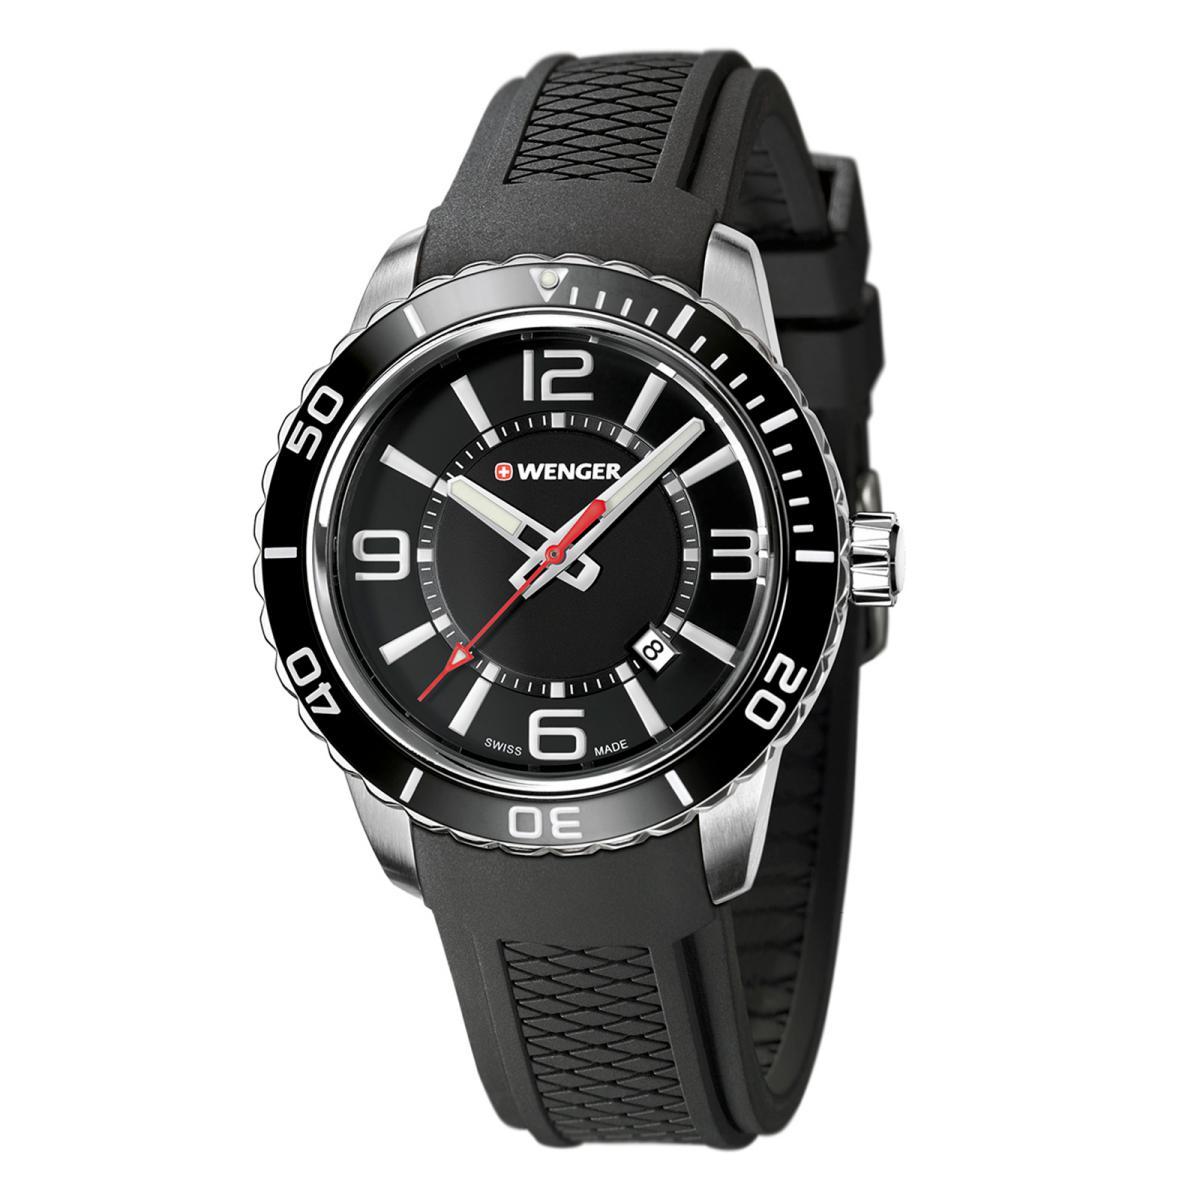 distribuidor mayorista 92cd4 9e5cf Reloj Wenger - 01.0851.117 - HOMBRE - Time Square